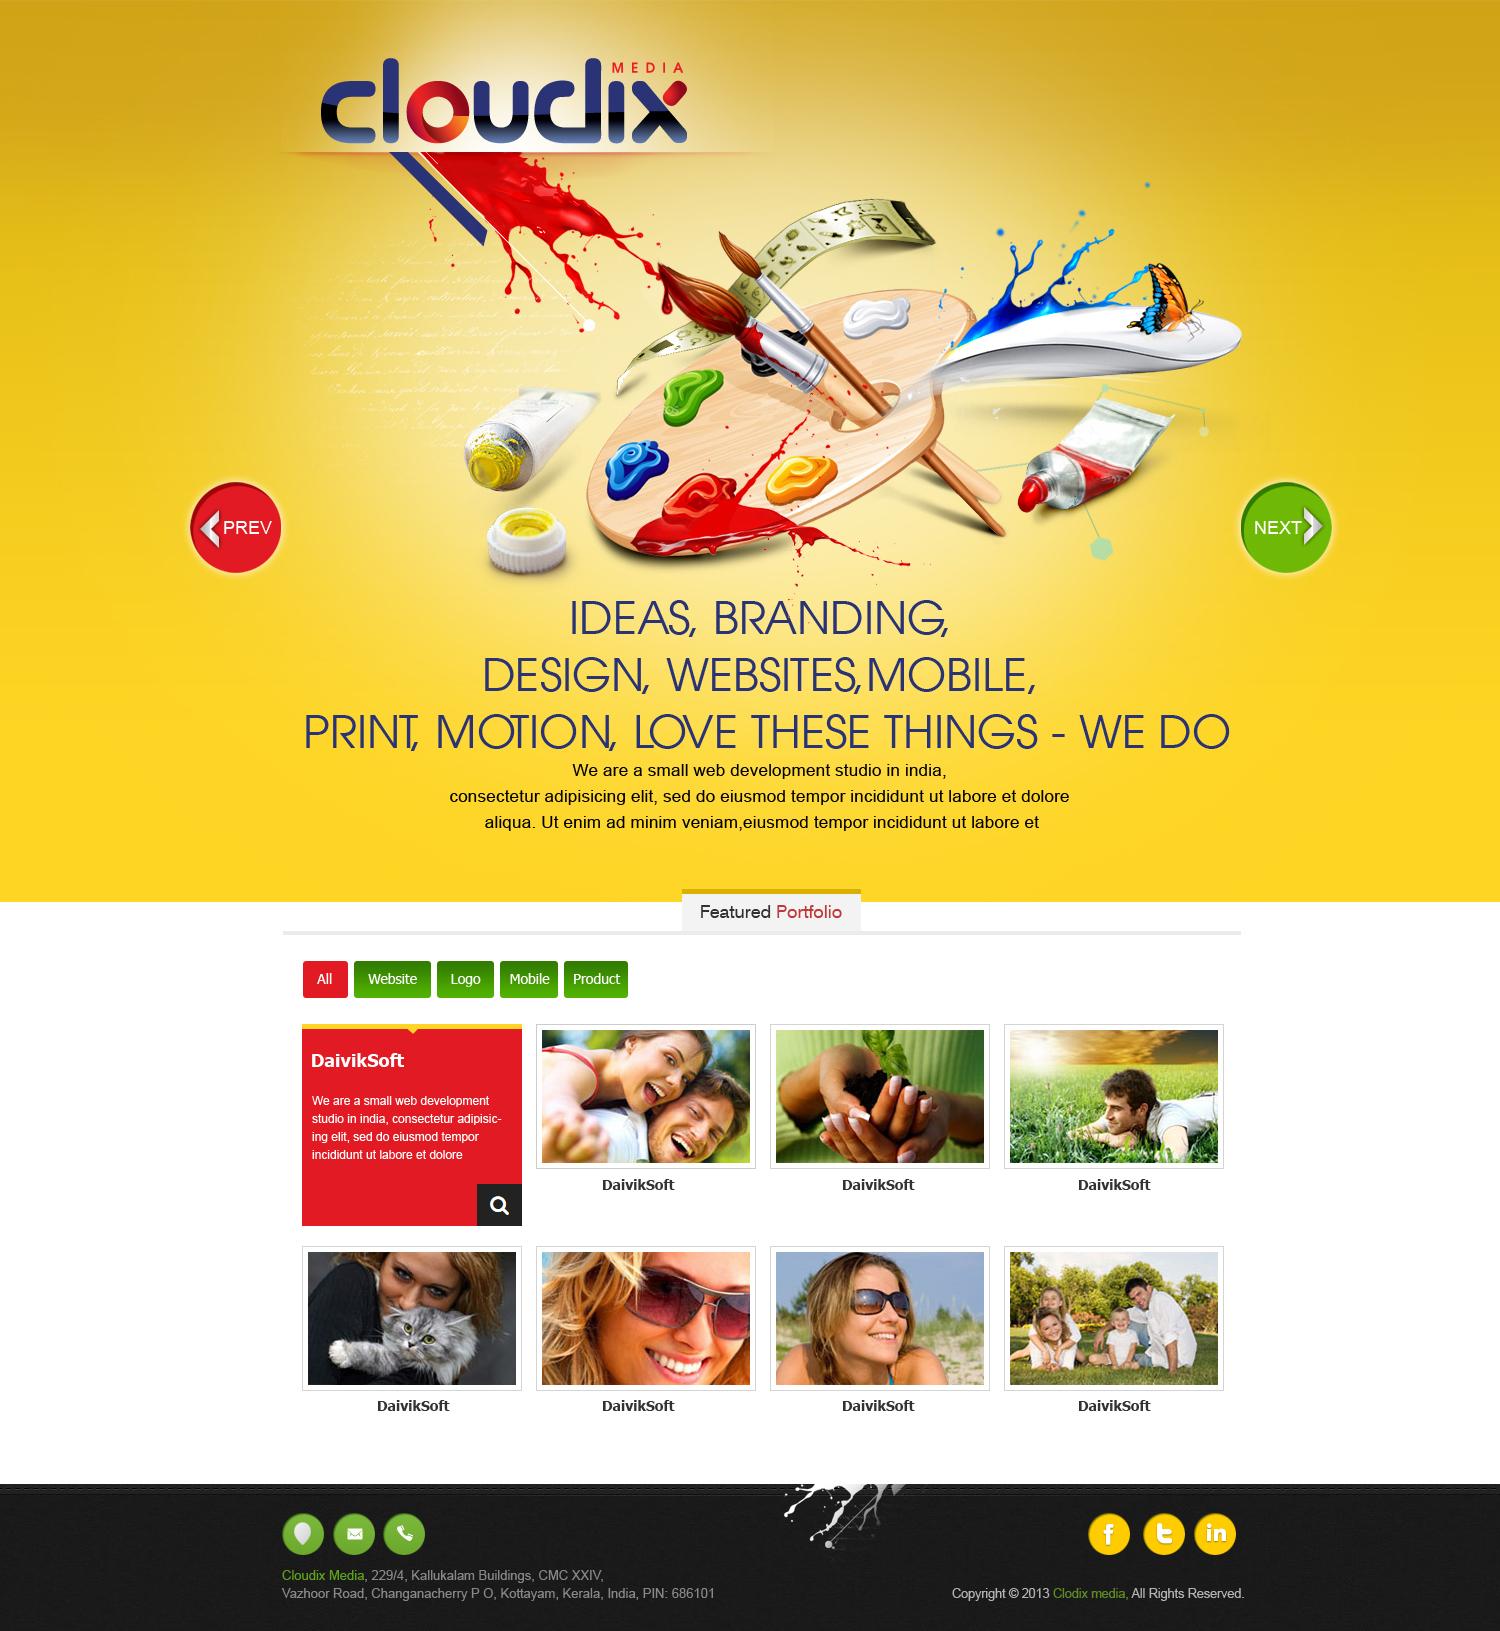 cloudix